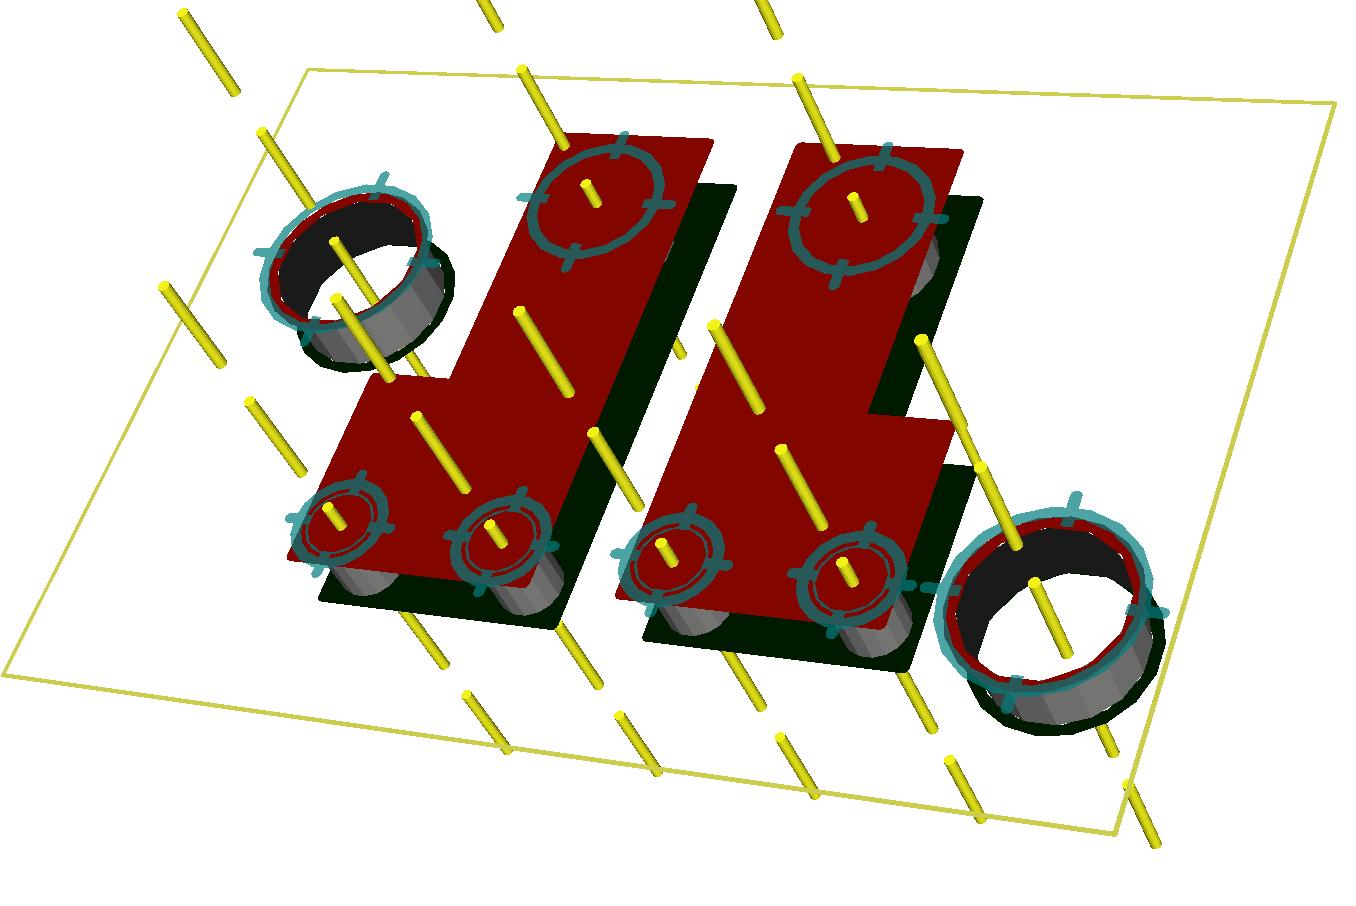 PCB in 3D